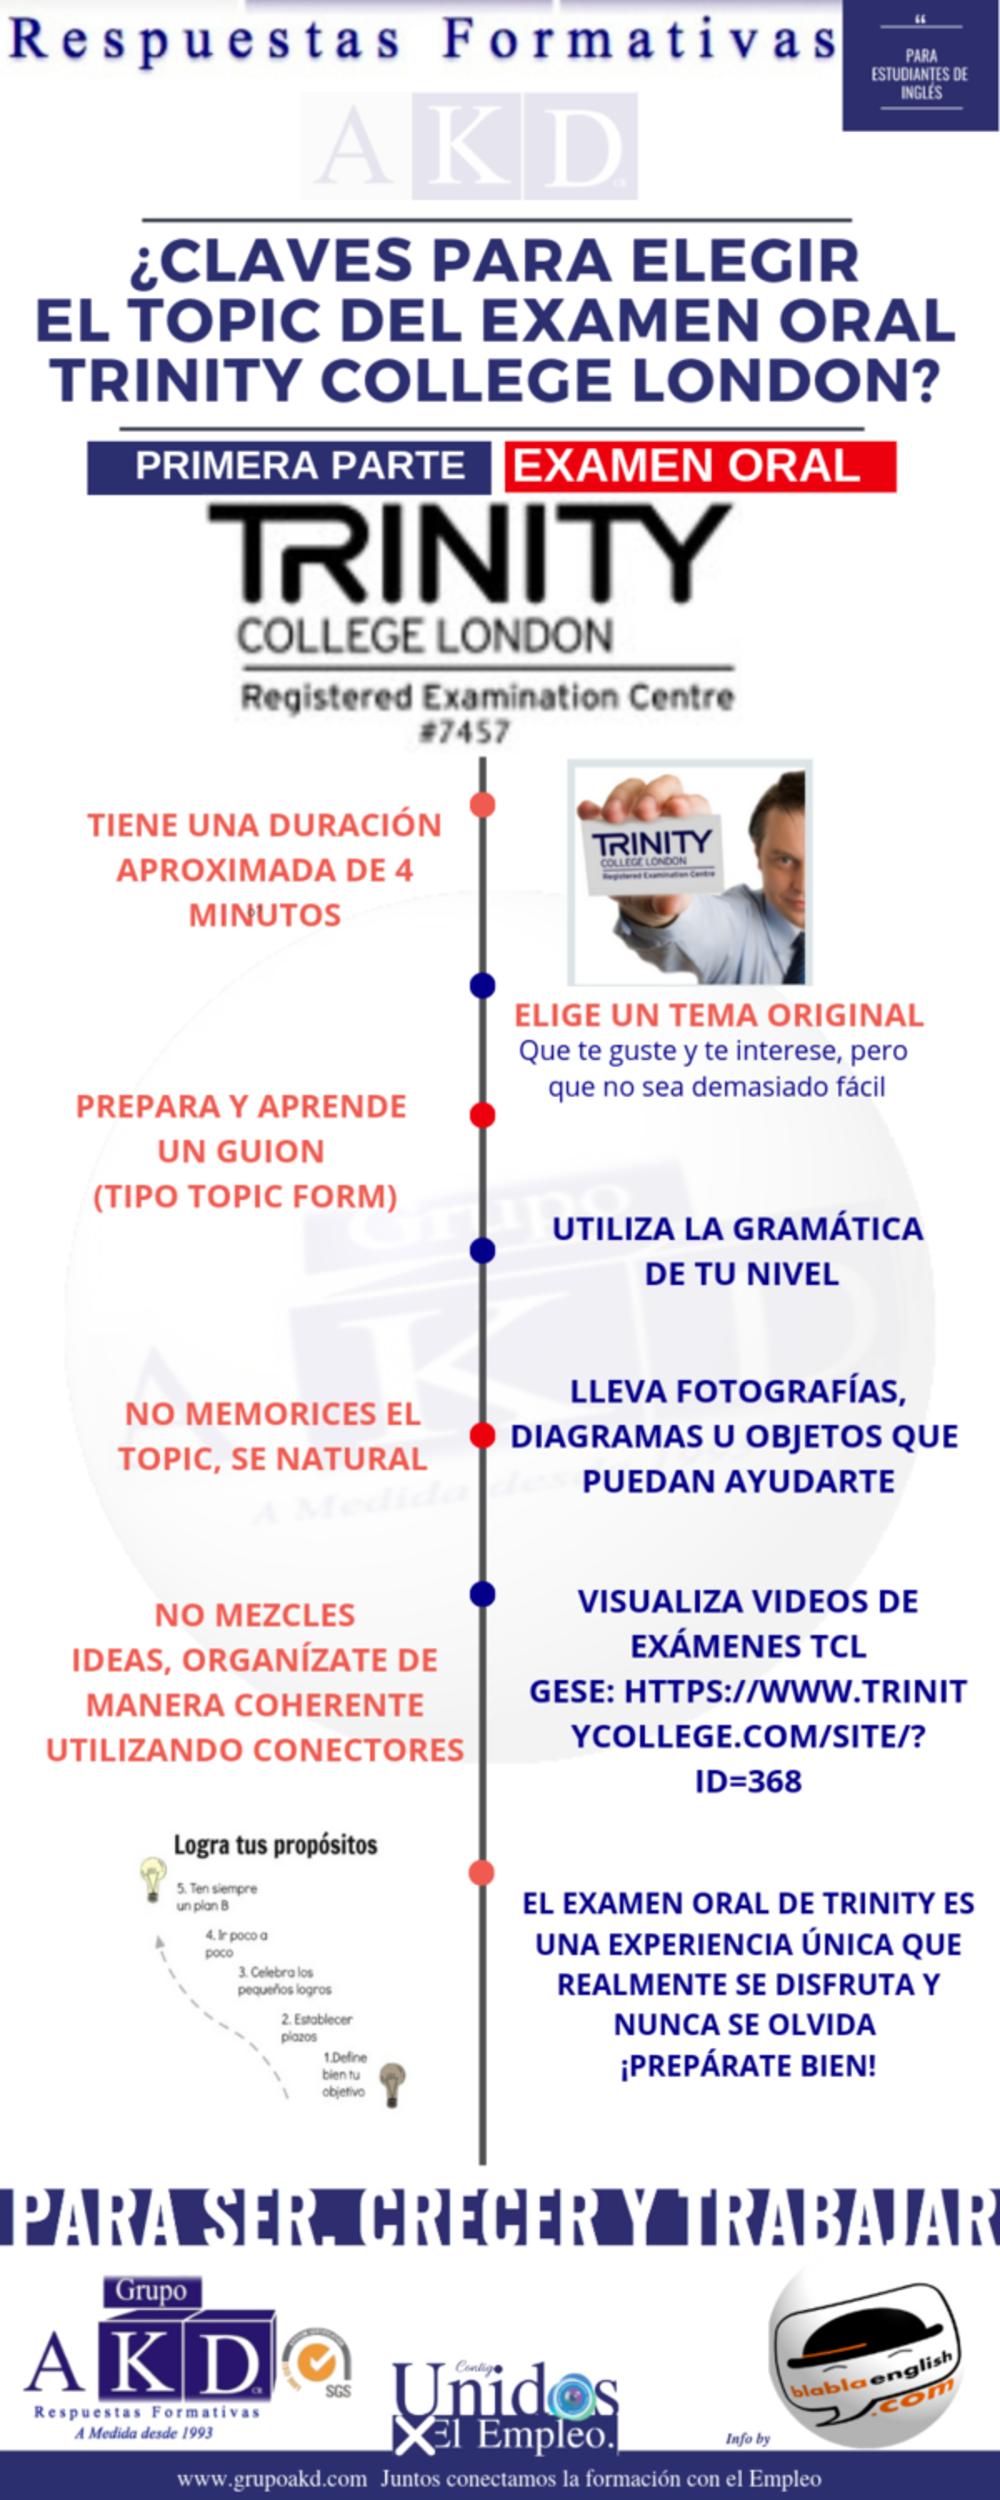 Respuesta Formativa para estudiantes de Inglés ¿Qué es el topic en los exámenes orales de TCL? Claves para elegirlo